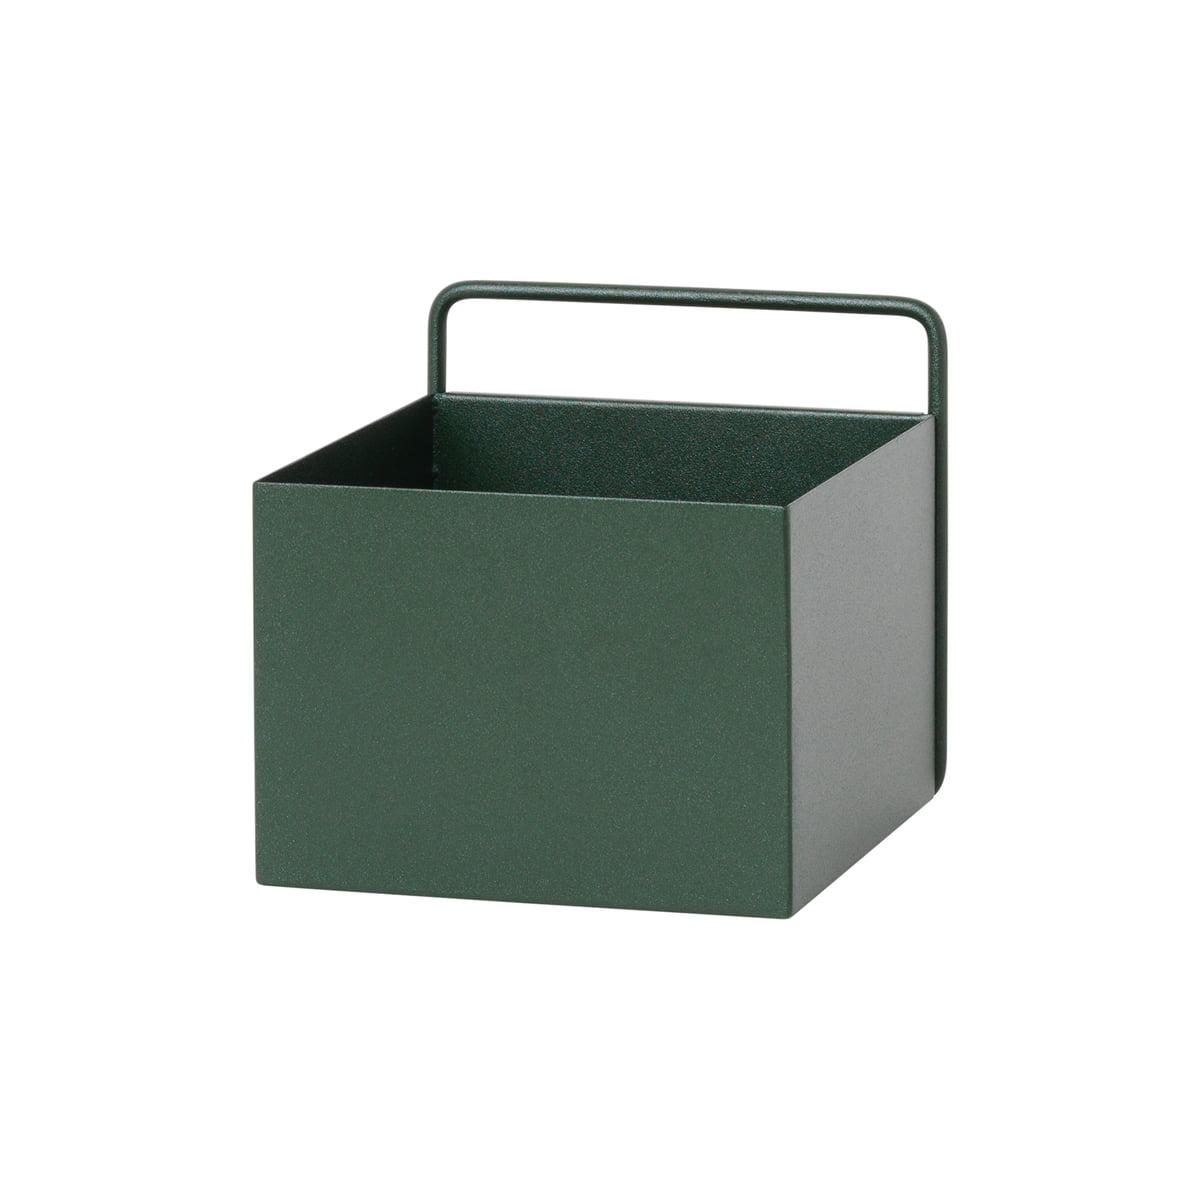 Ferm living  wall box quadratisch gruen frei